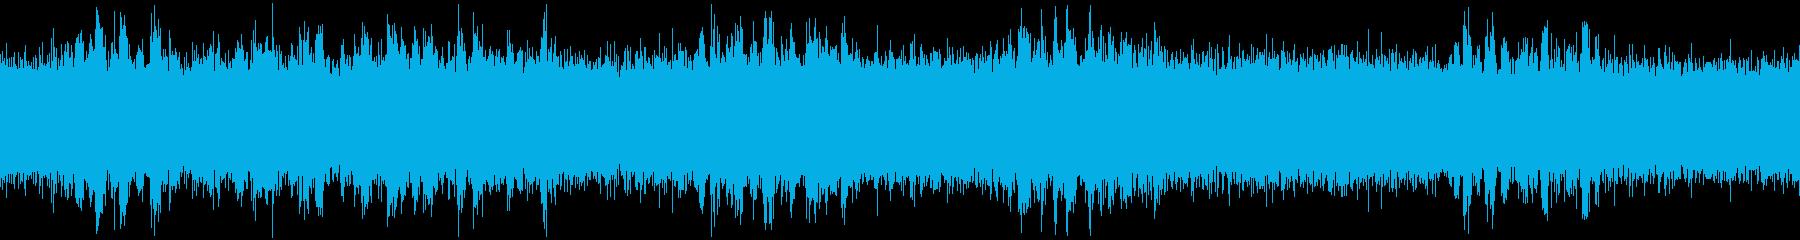 夏の早朝_虫と鳥_ループ素材_環境音の再生済みの波形